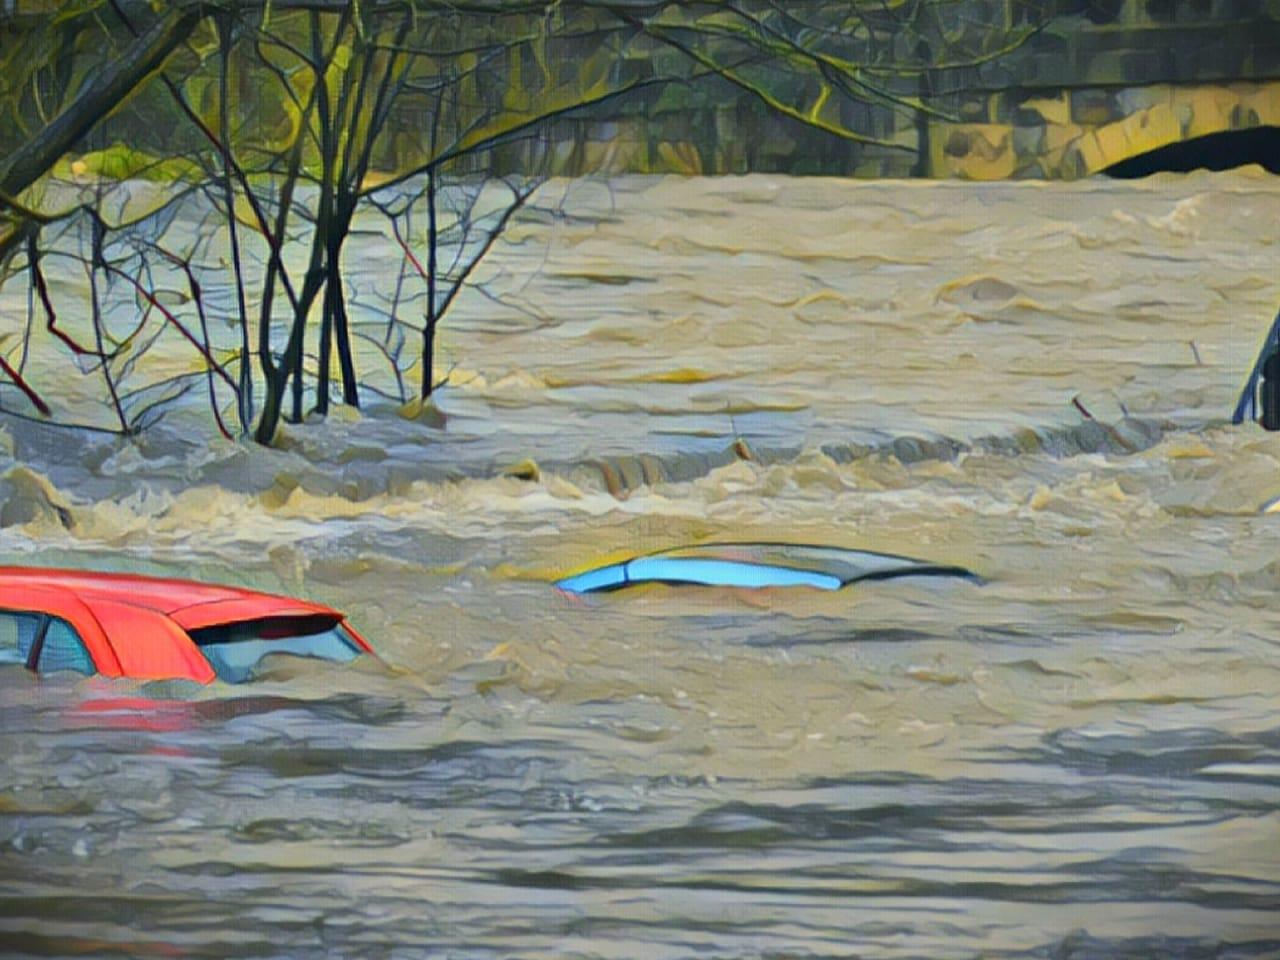 https: img-k.okeinfo.net content 2019 11 29 340 2135957 banjir-bandang-terjang-sabulussalam-aceh-belasan-petani-di-sawah-terseret-arus-b8vntihRi0.jpg